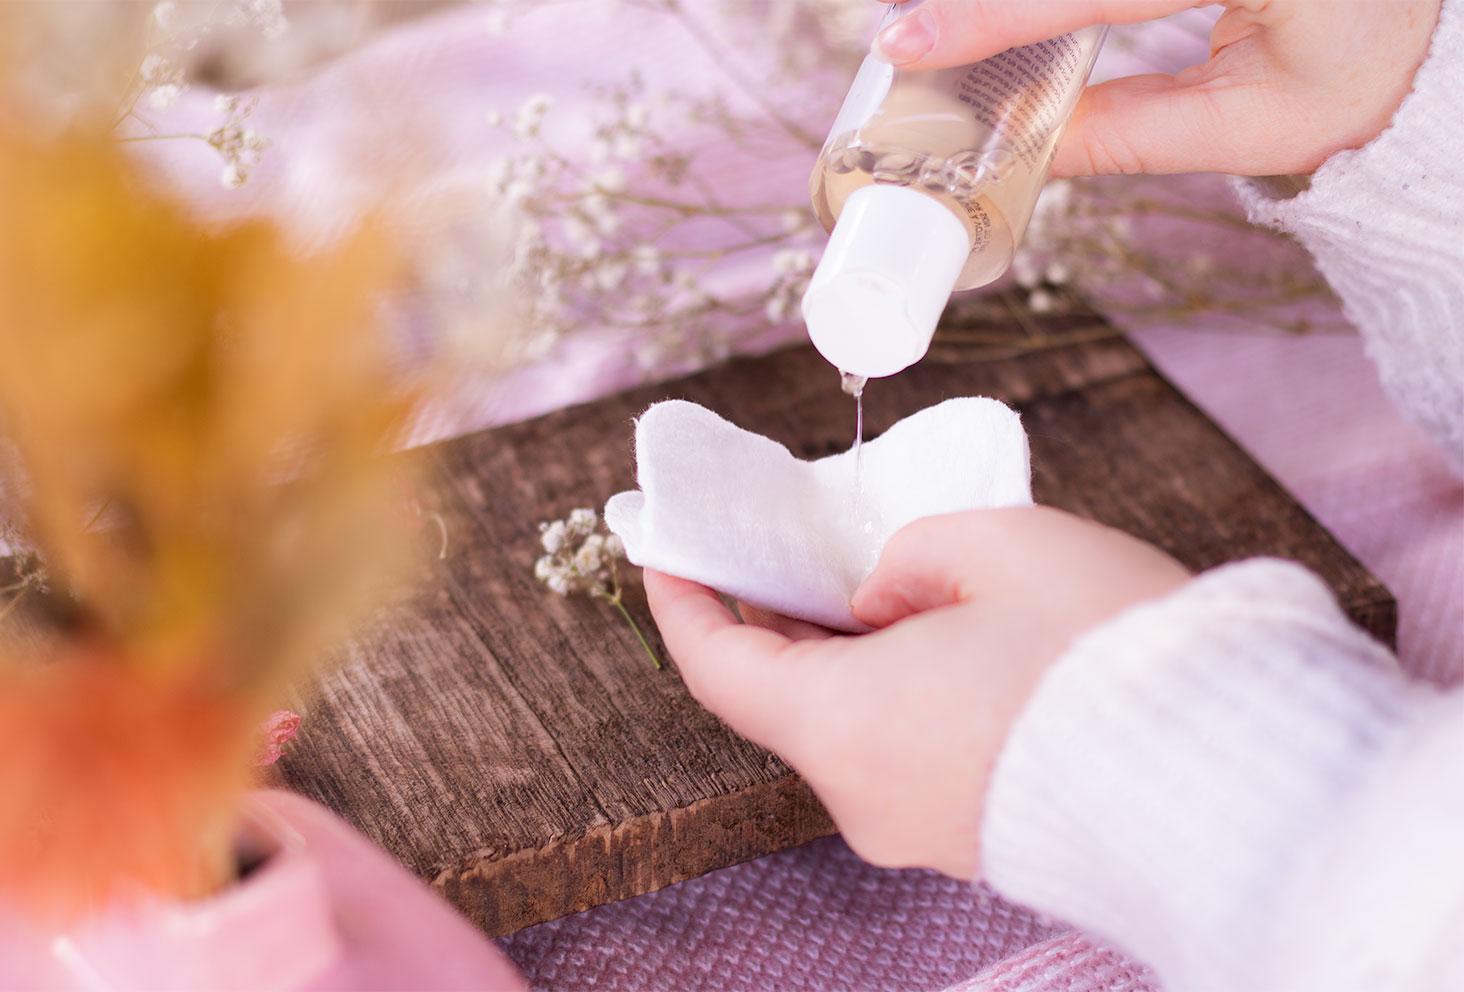 Zoom sur la texture liquide du vinaigre visage de Gallinée, en pleine utilisation sur un coton, au dessus d'une planche en bois et des fleurs sèches